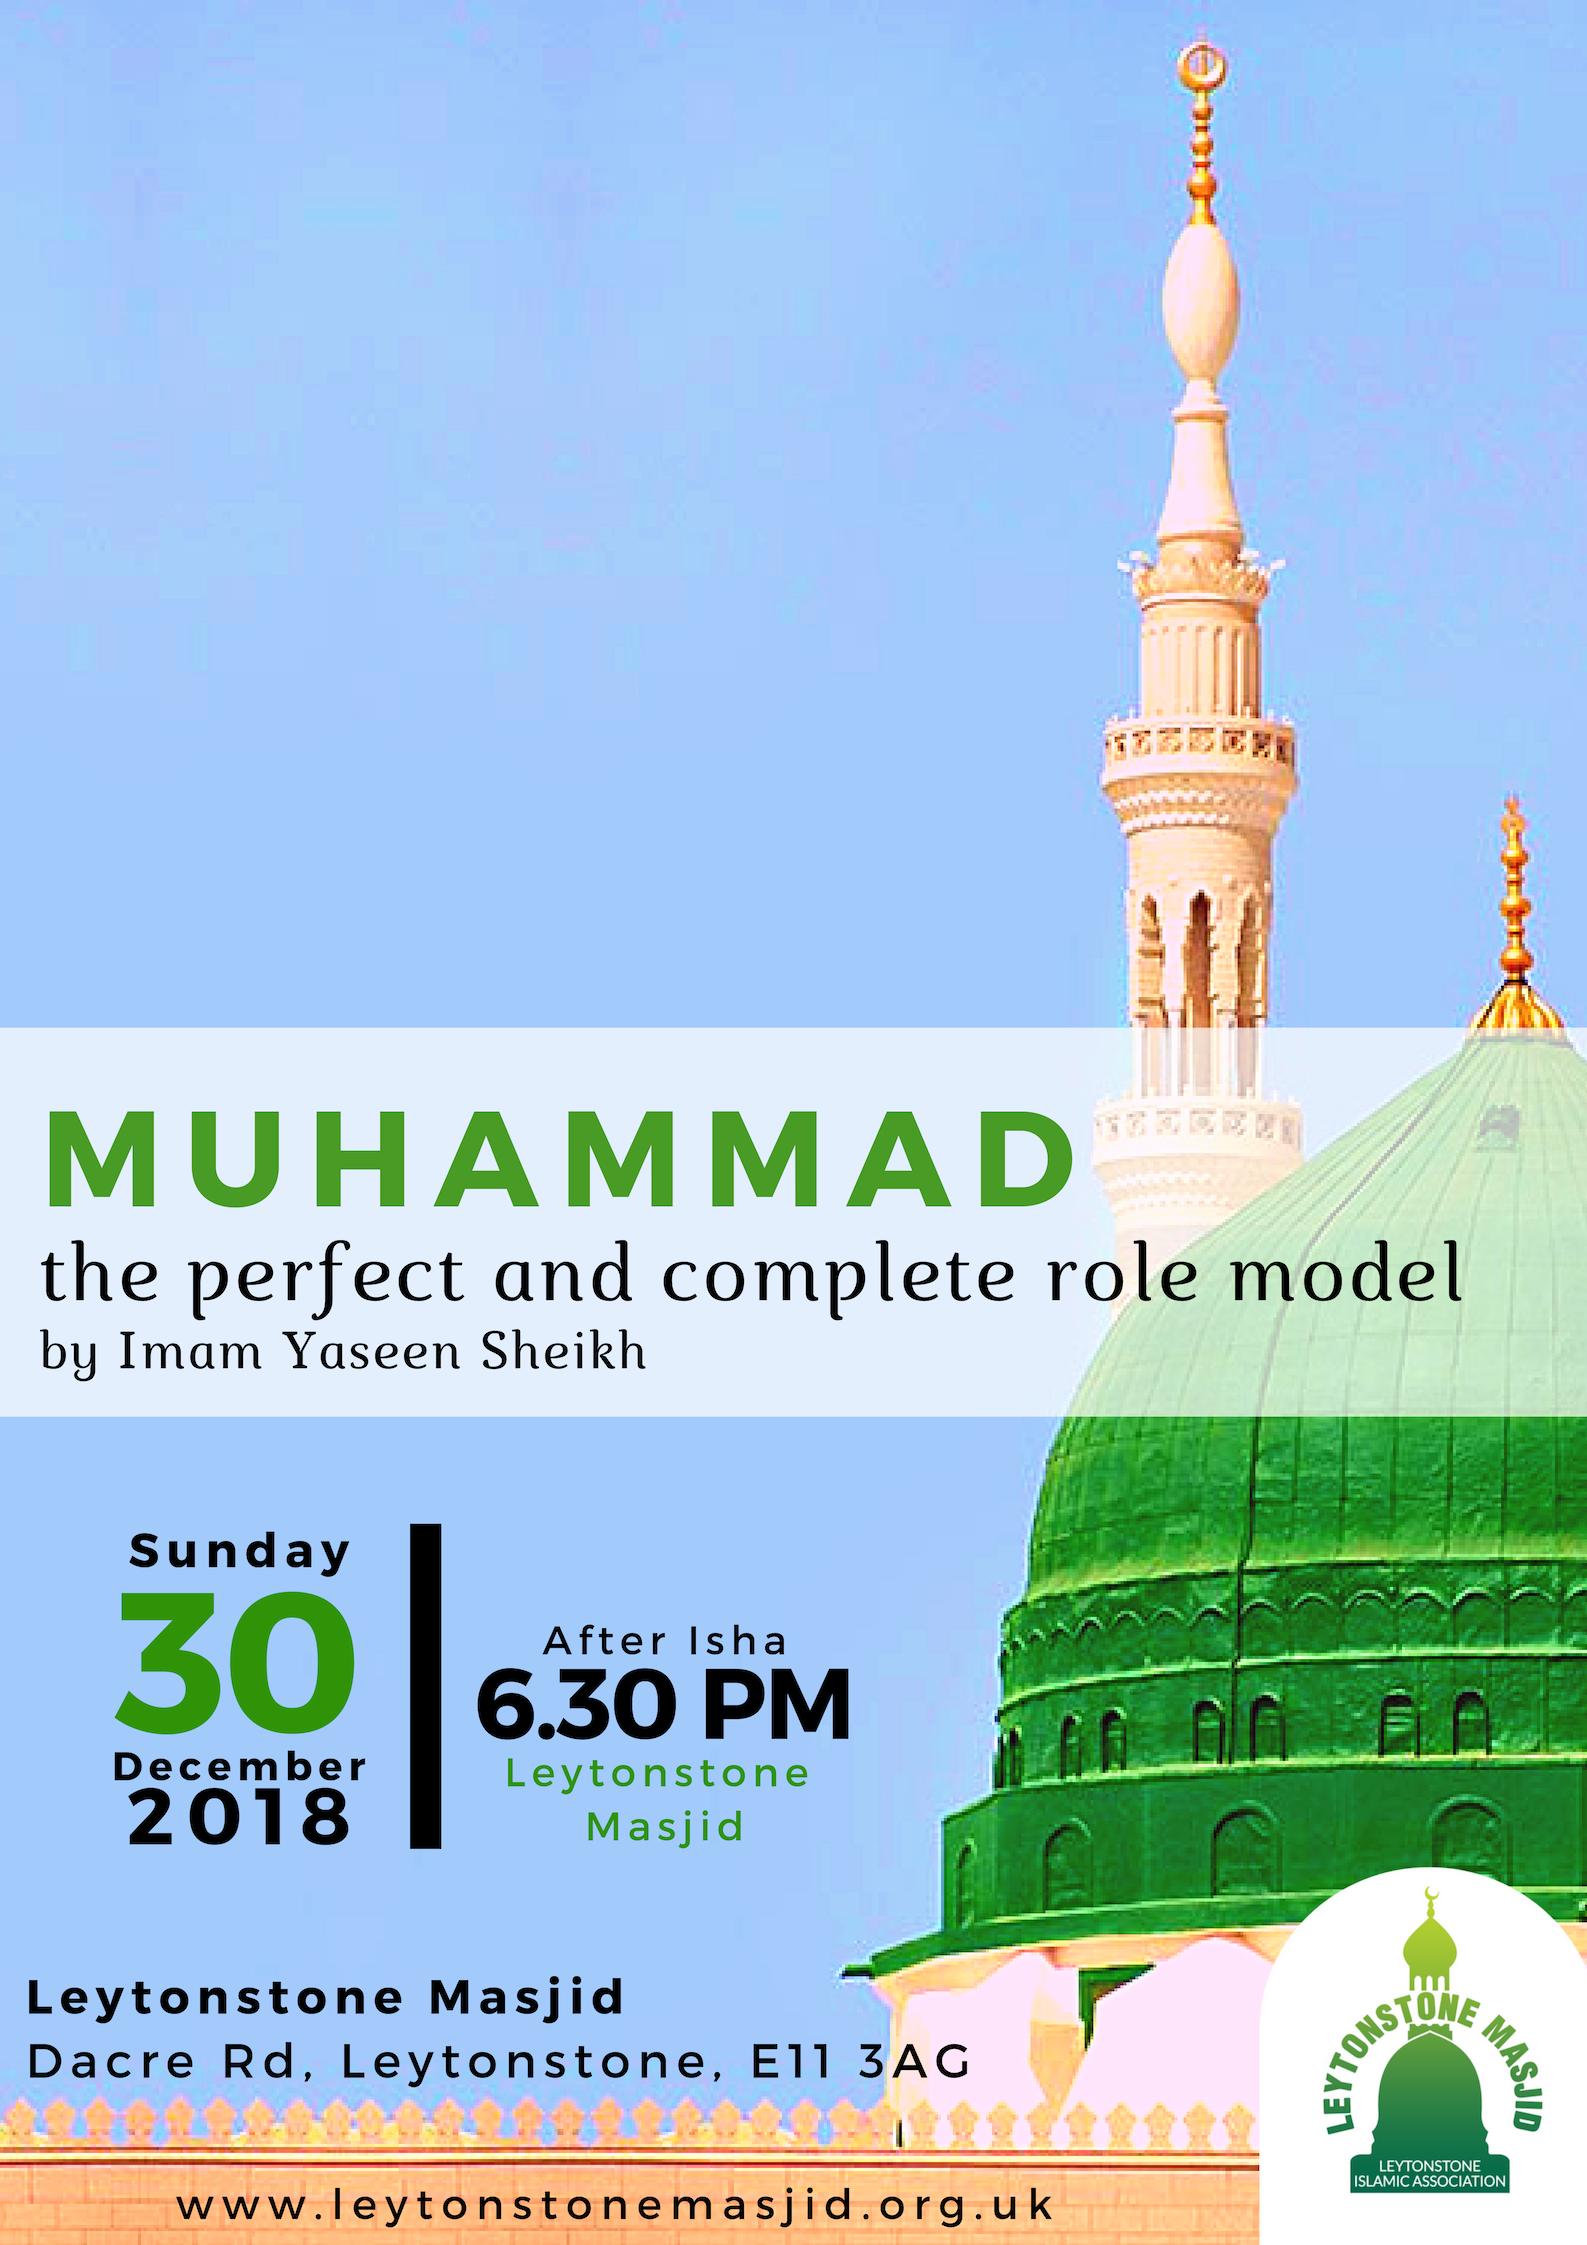 Muhammad Role Model